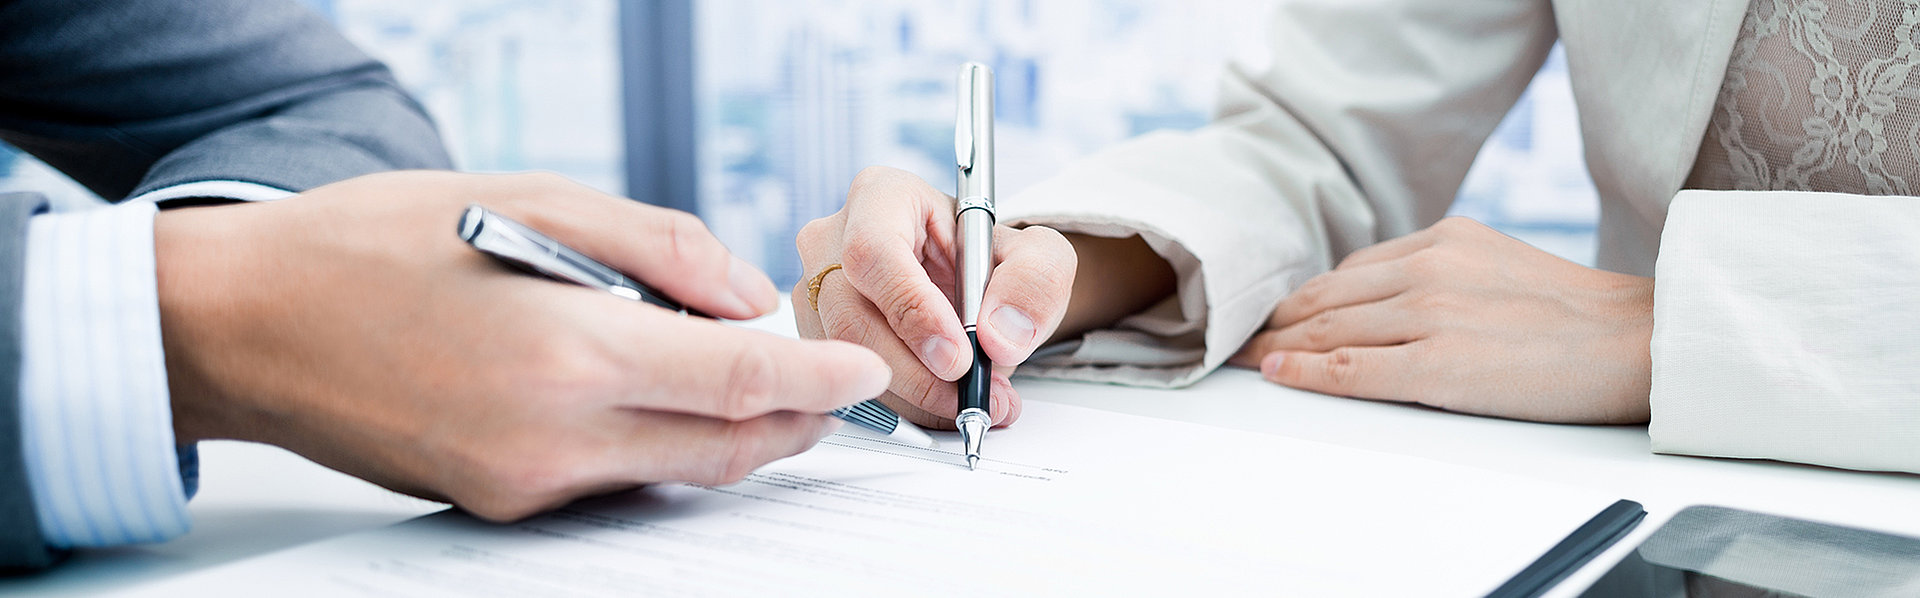 Stellenangebote in Ihrer SFSK-Kanzlei